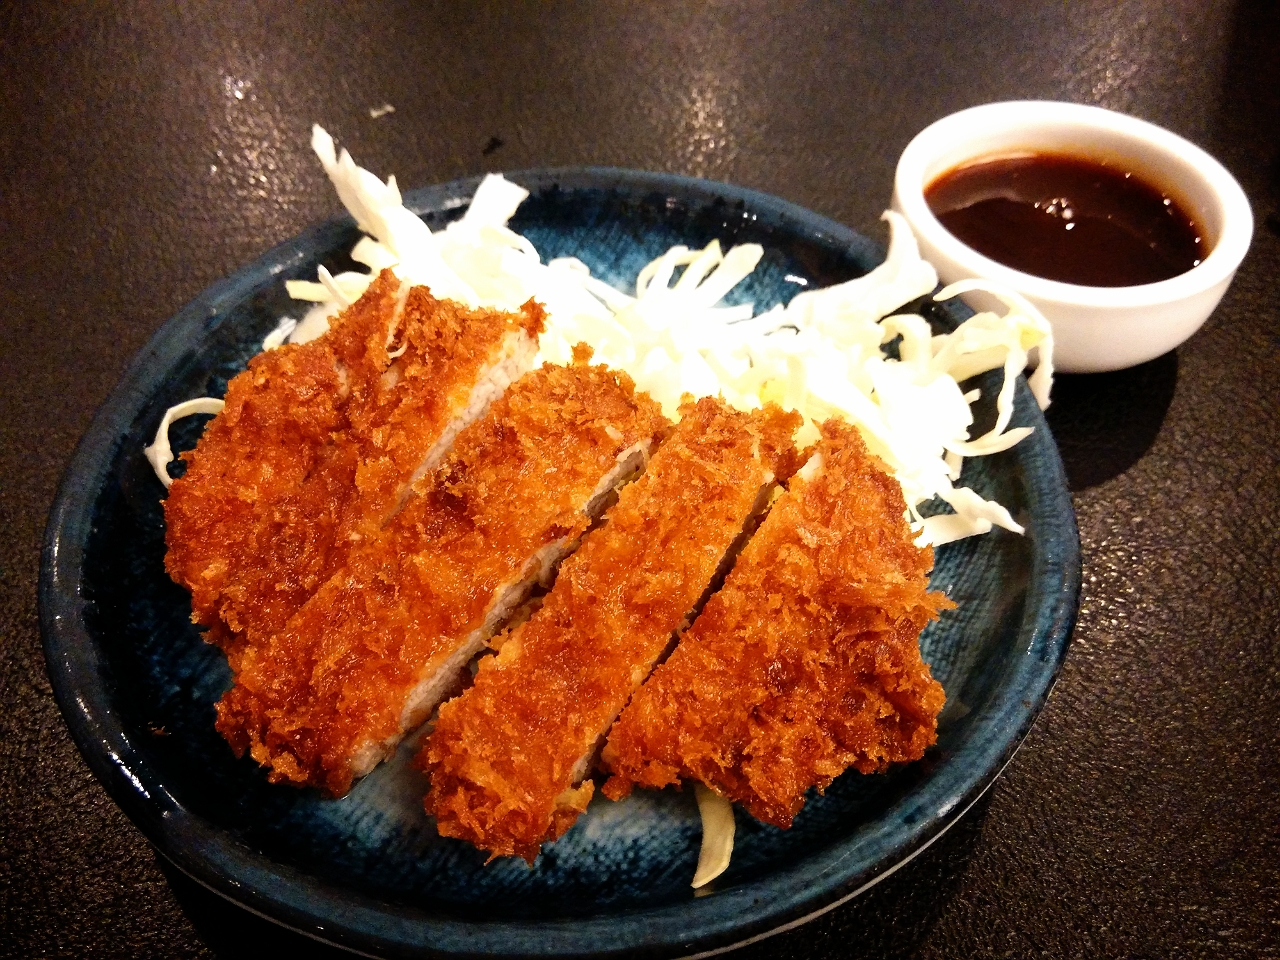 [日本料理餐廳試食] #1 來自北海道的夢美米 (ゆめピリカ)   日本研究の日常